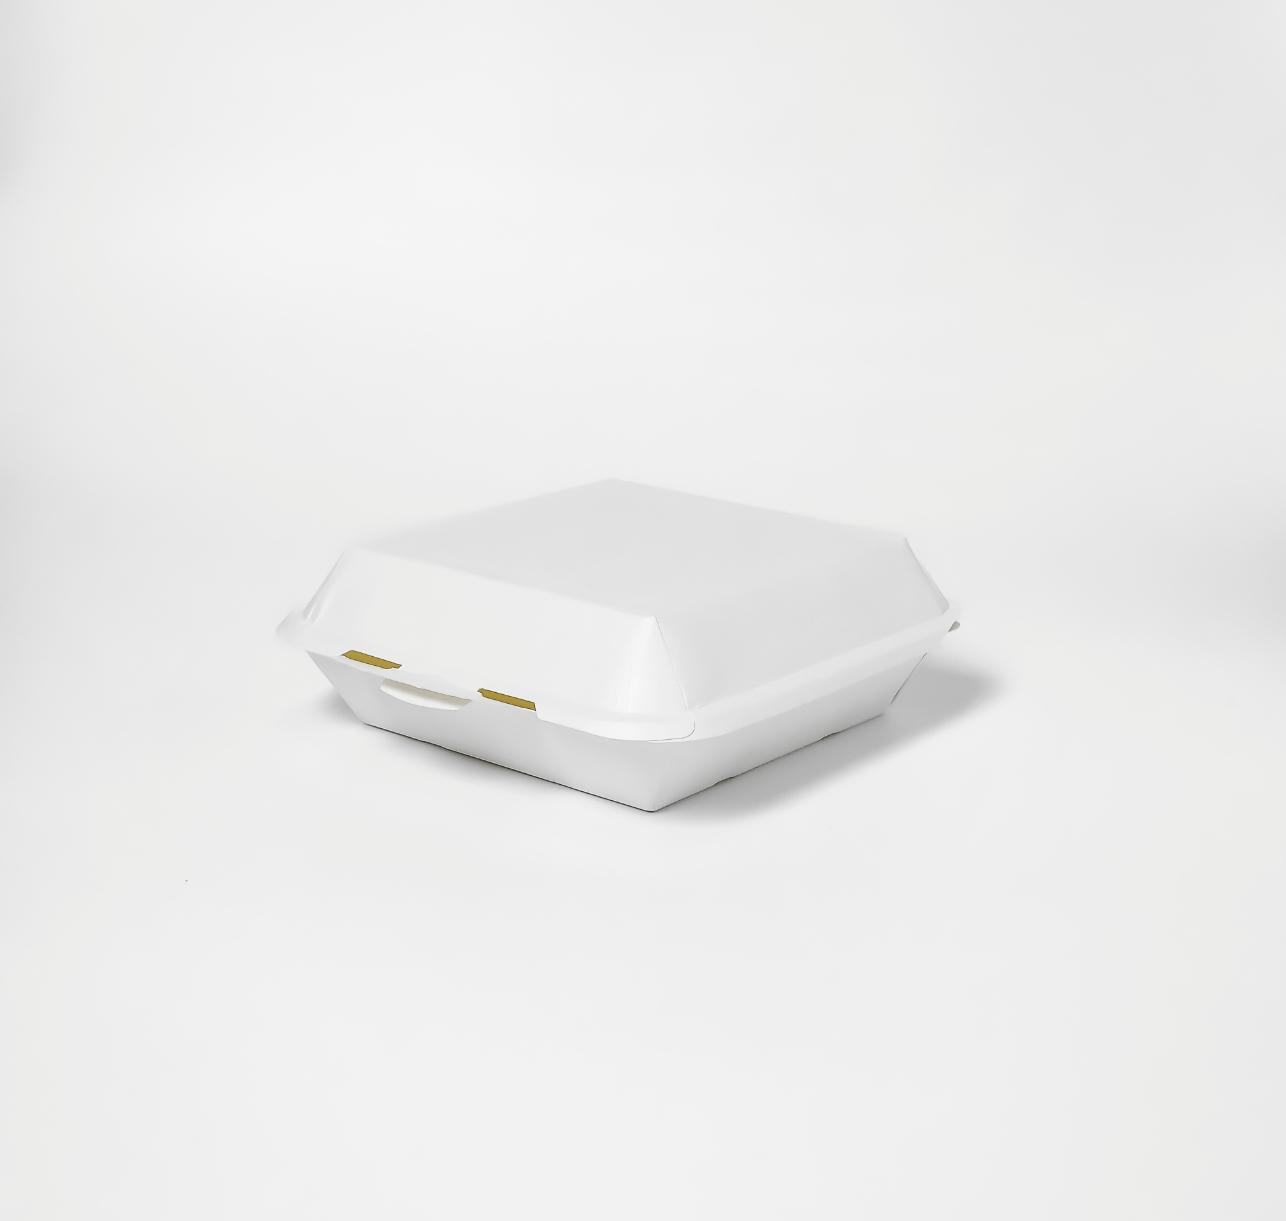 กล่องอาหารกระดาษ Eco 1300ml